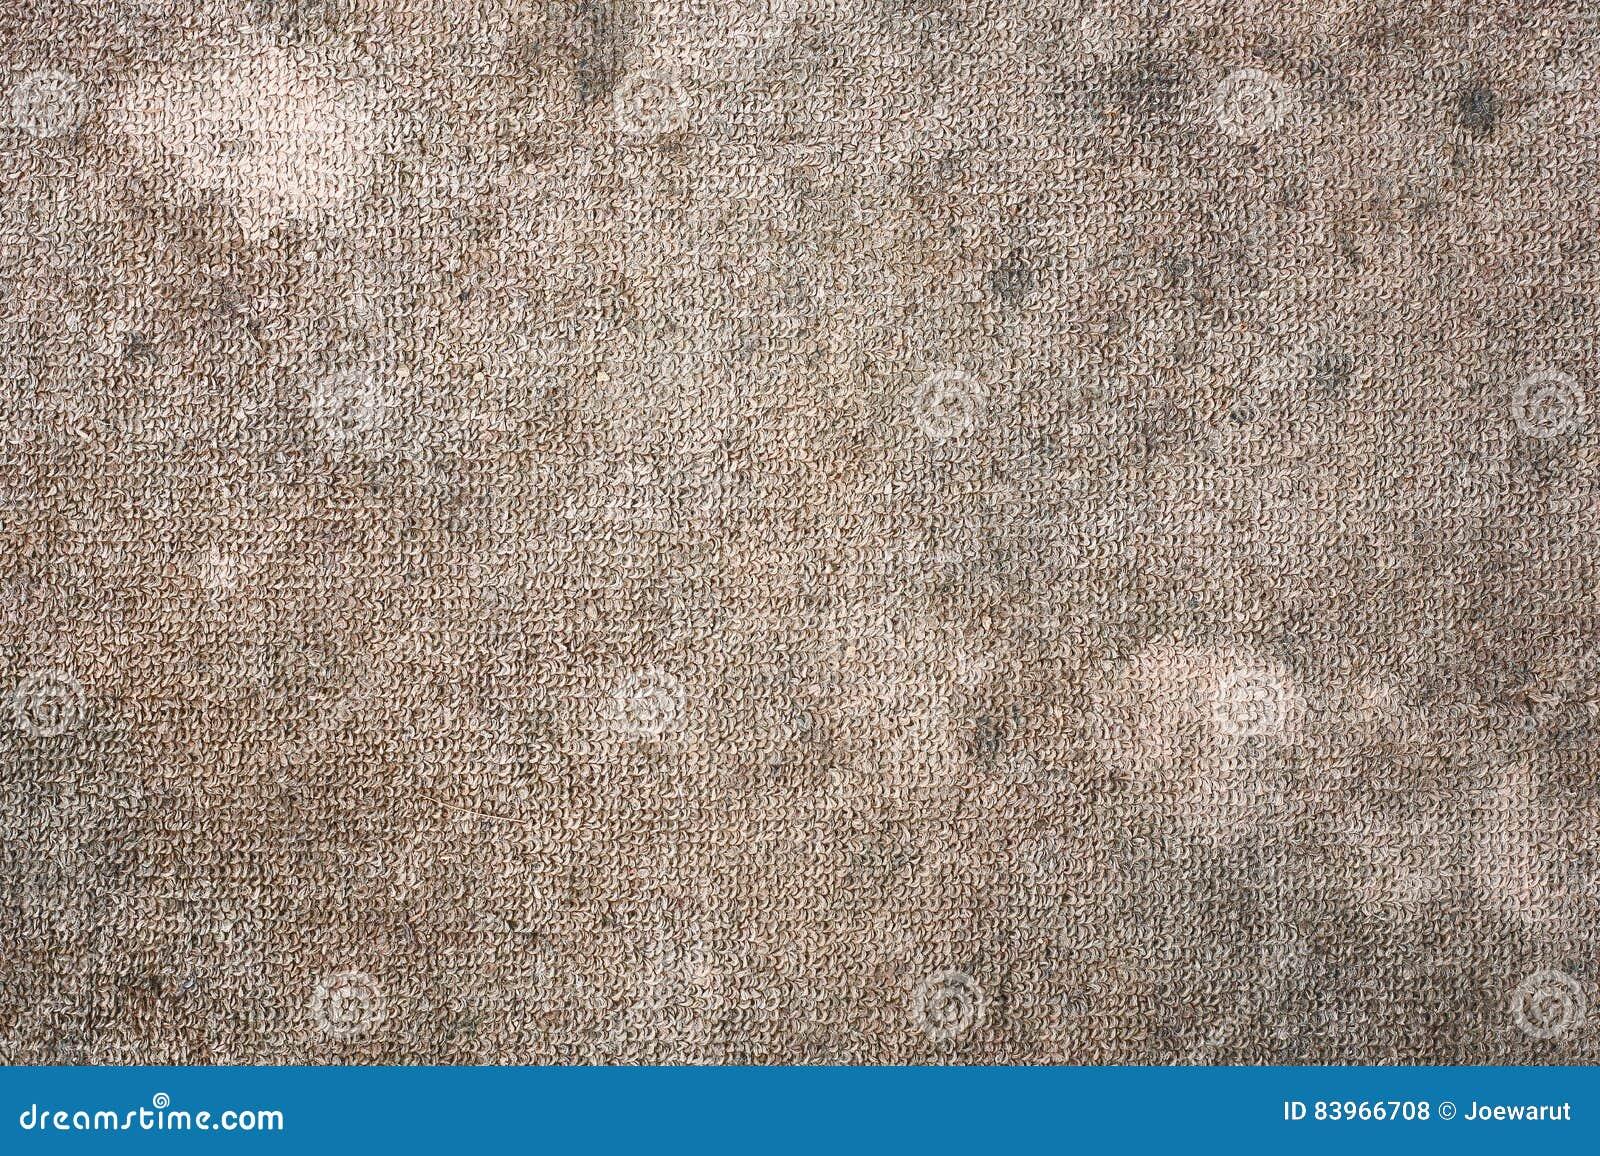 Brudny dywan